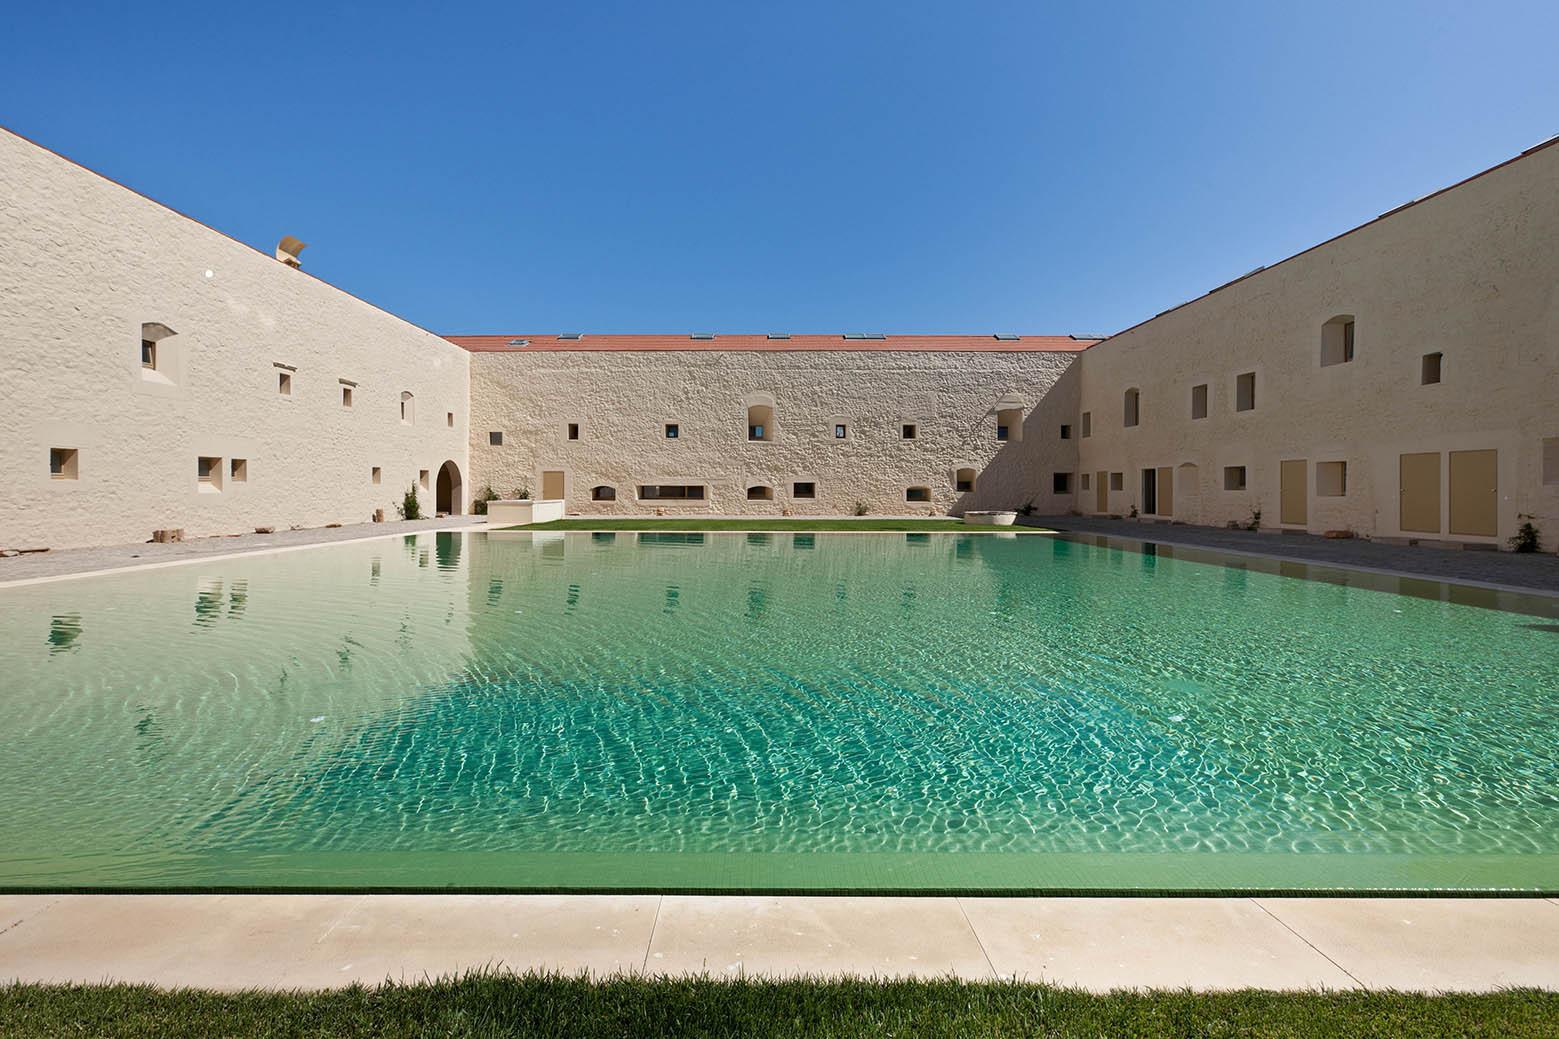 Convento das bernardas eduardo souto de moura for Progetti di piscine e pool house